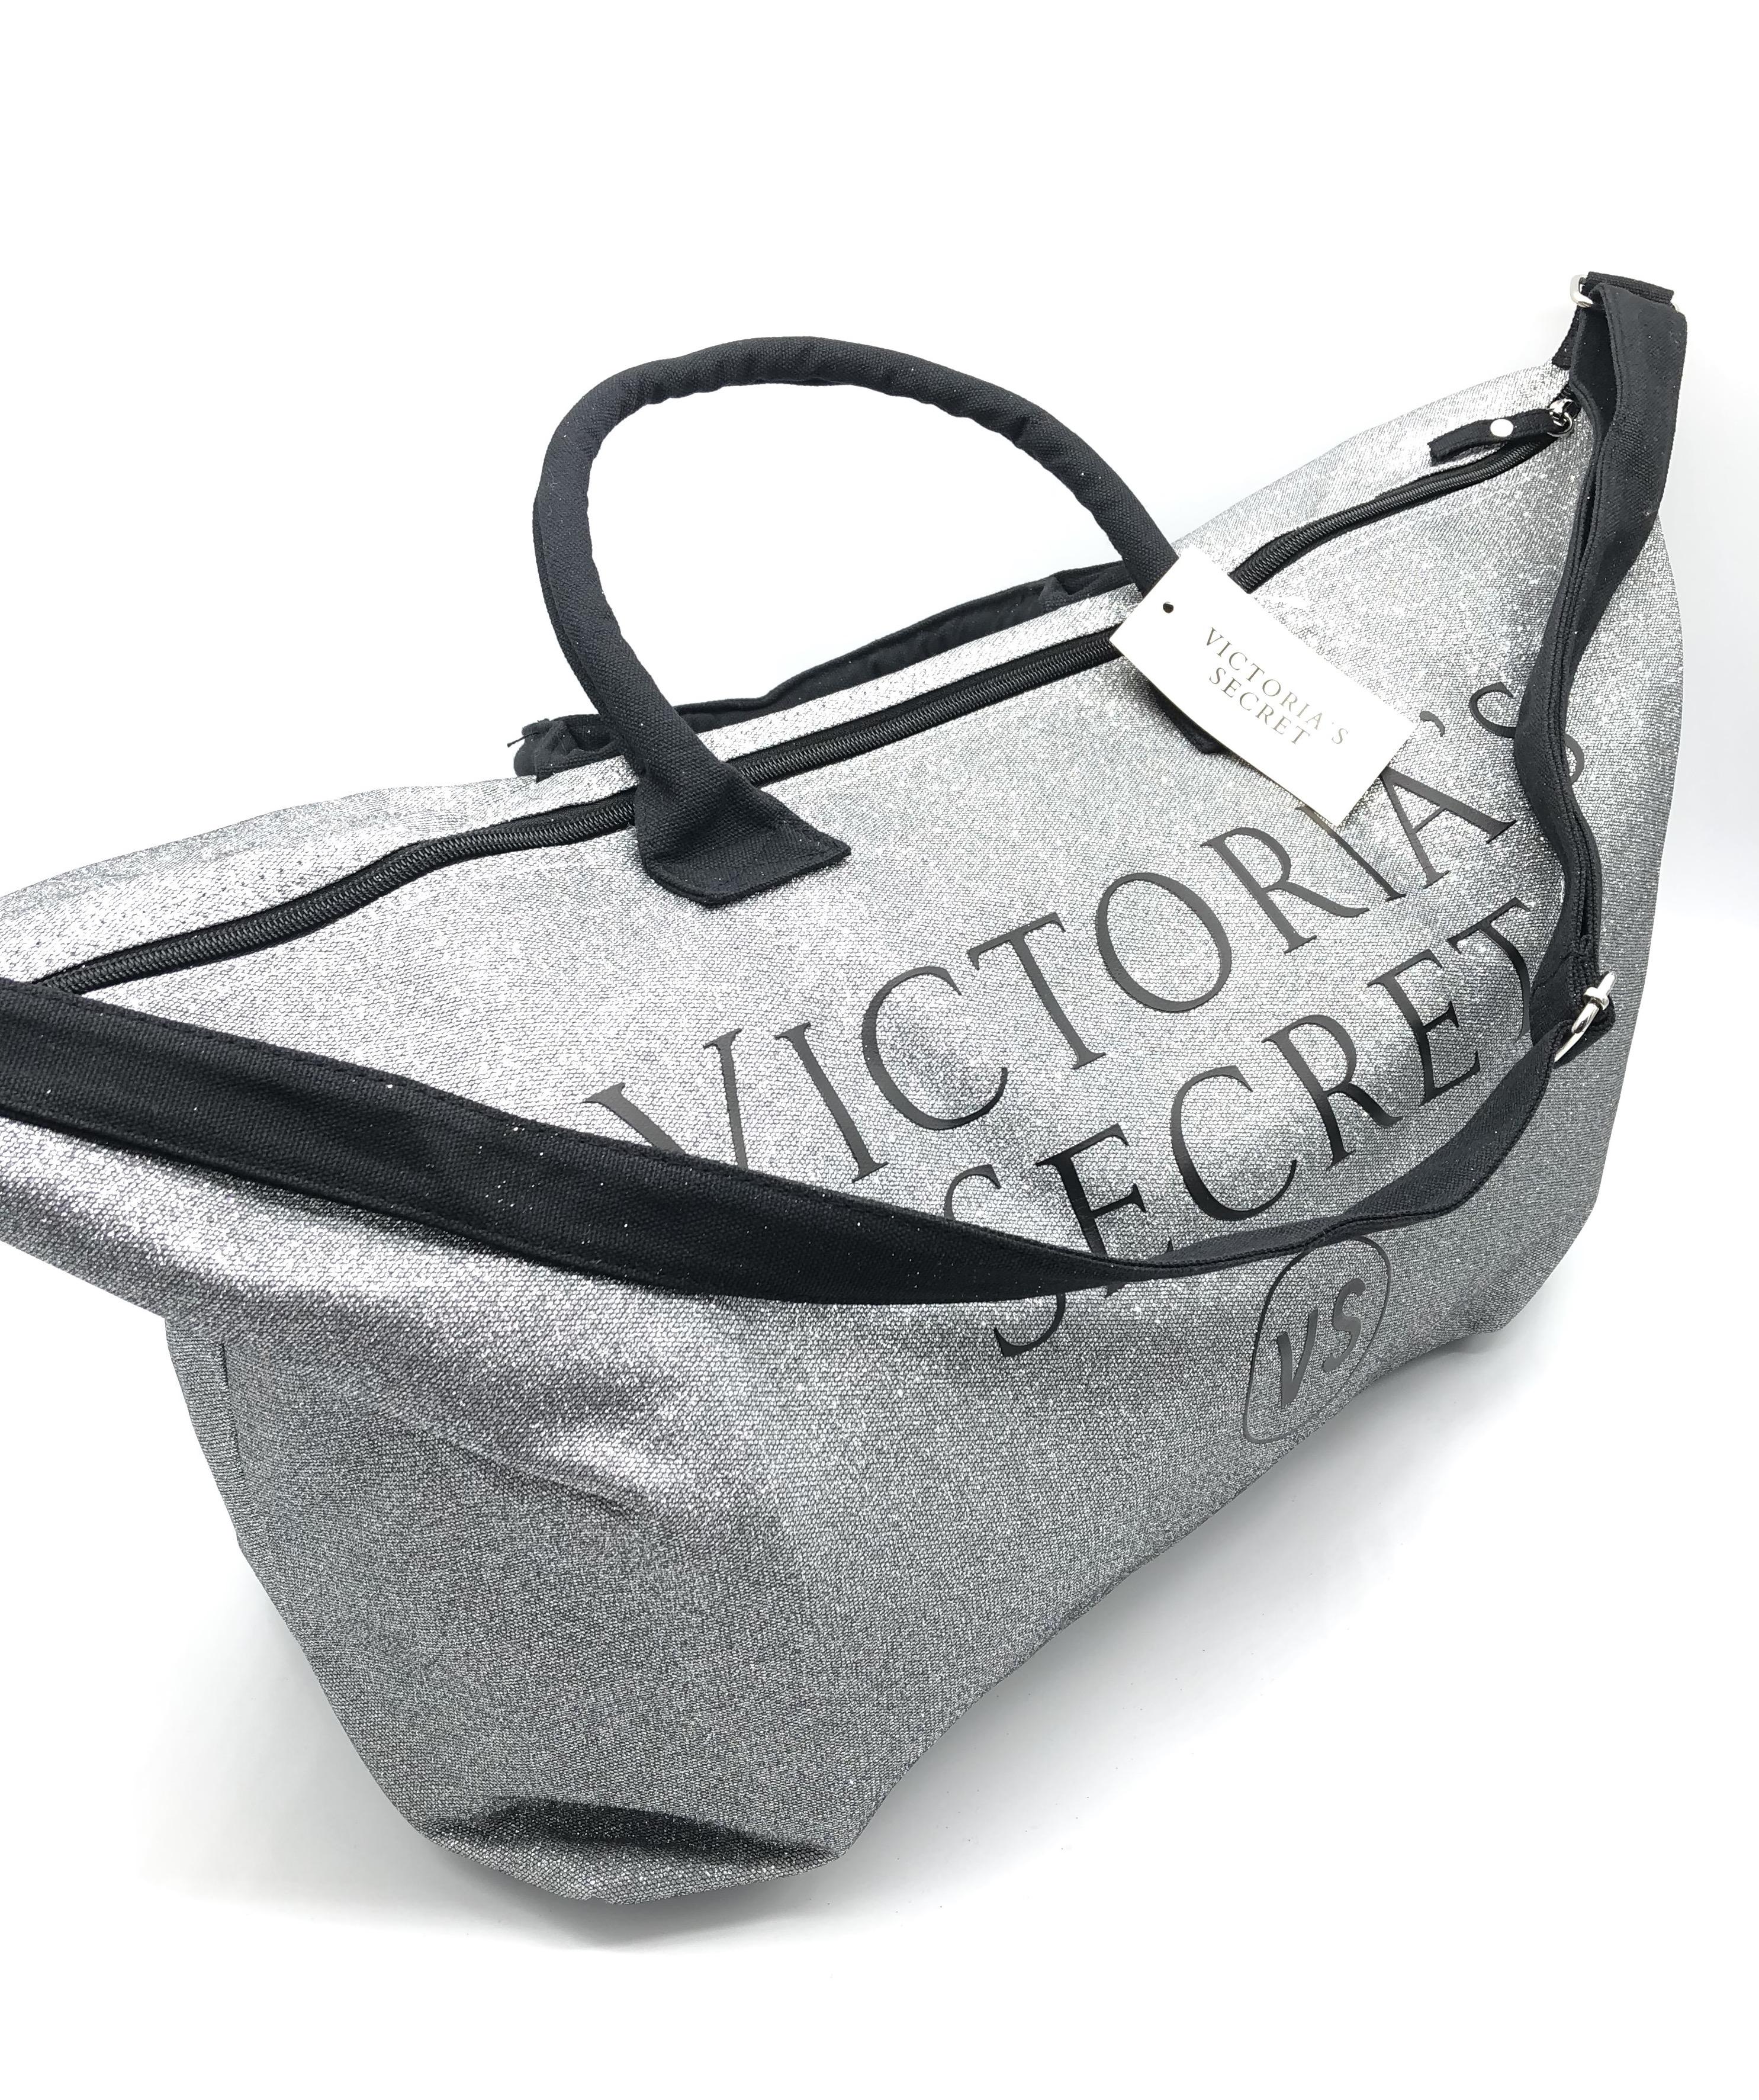 Дорожная сумка Victoria's Secret